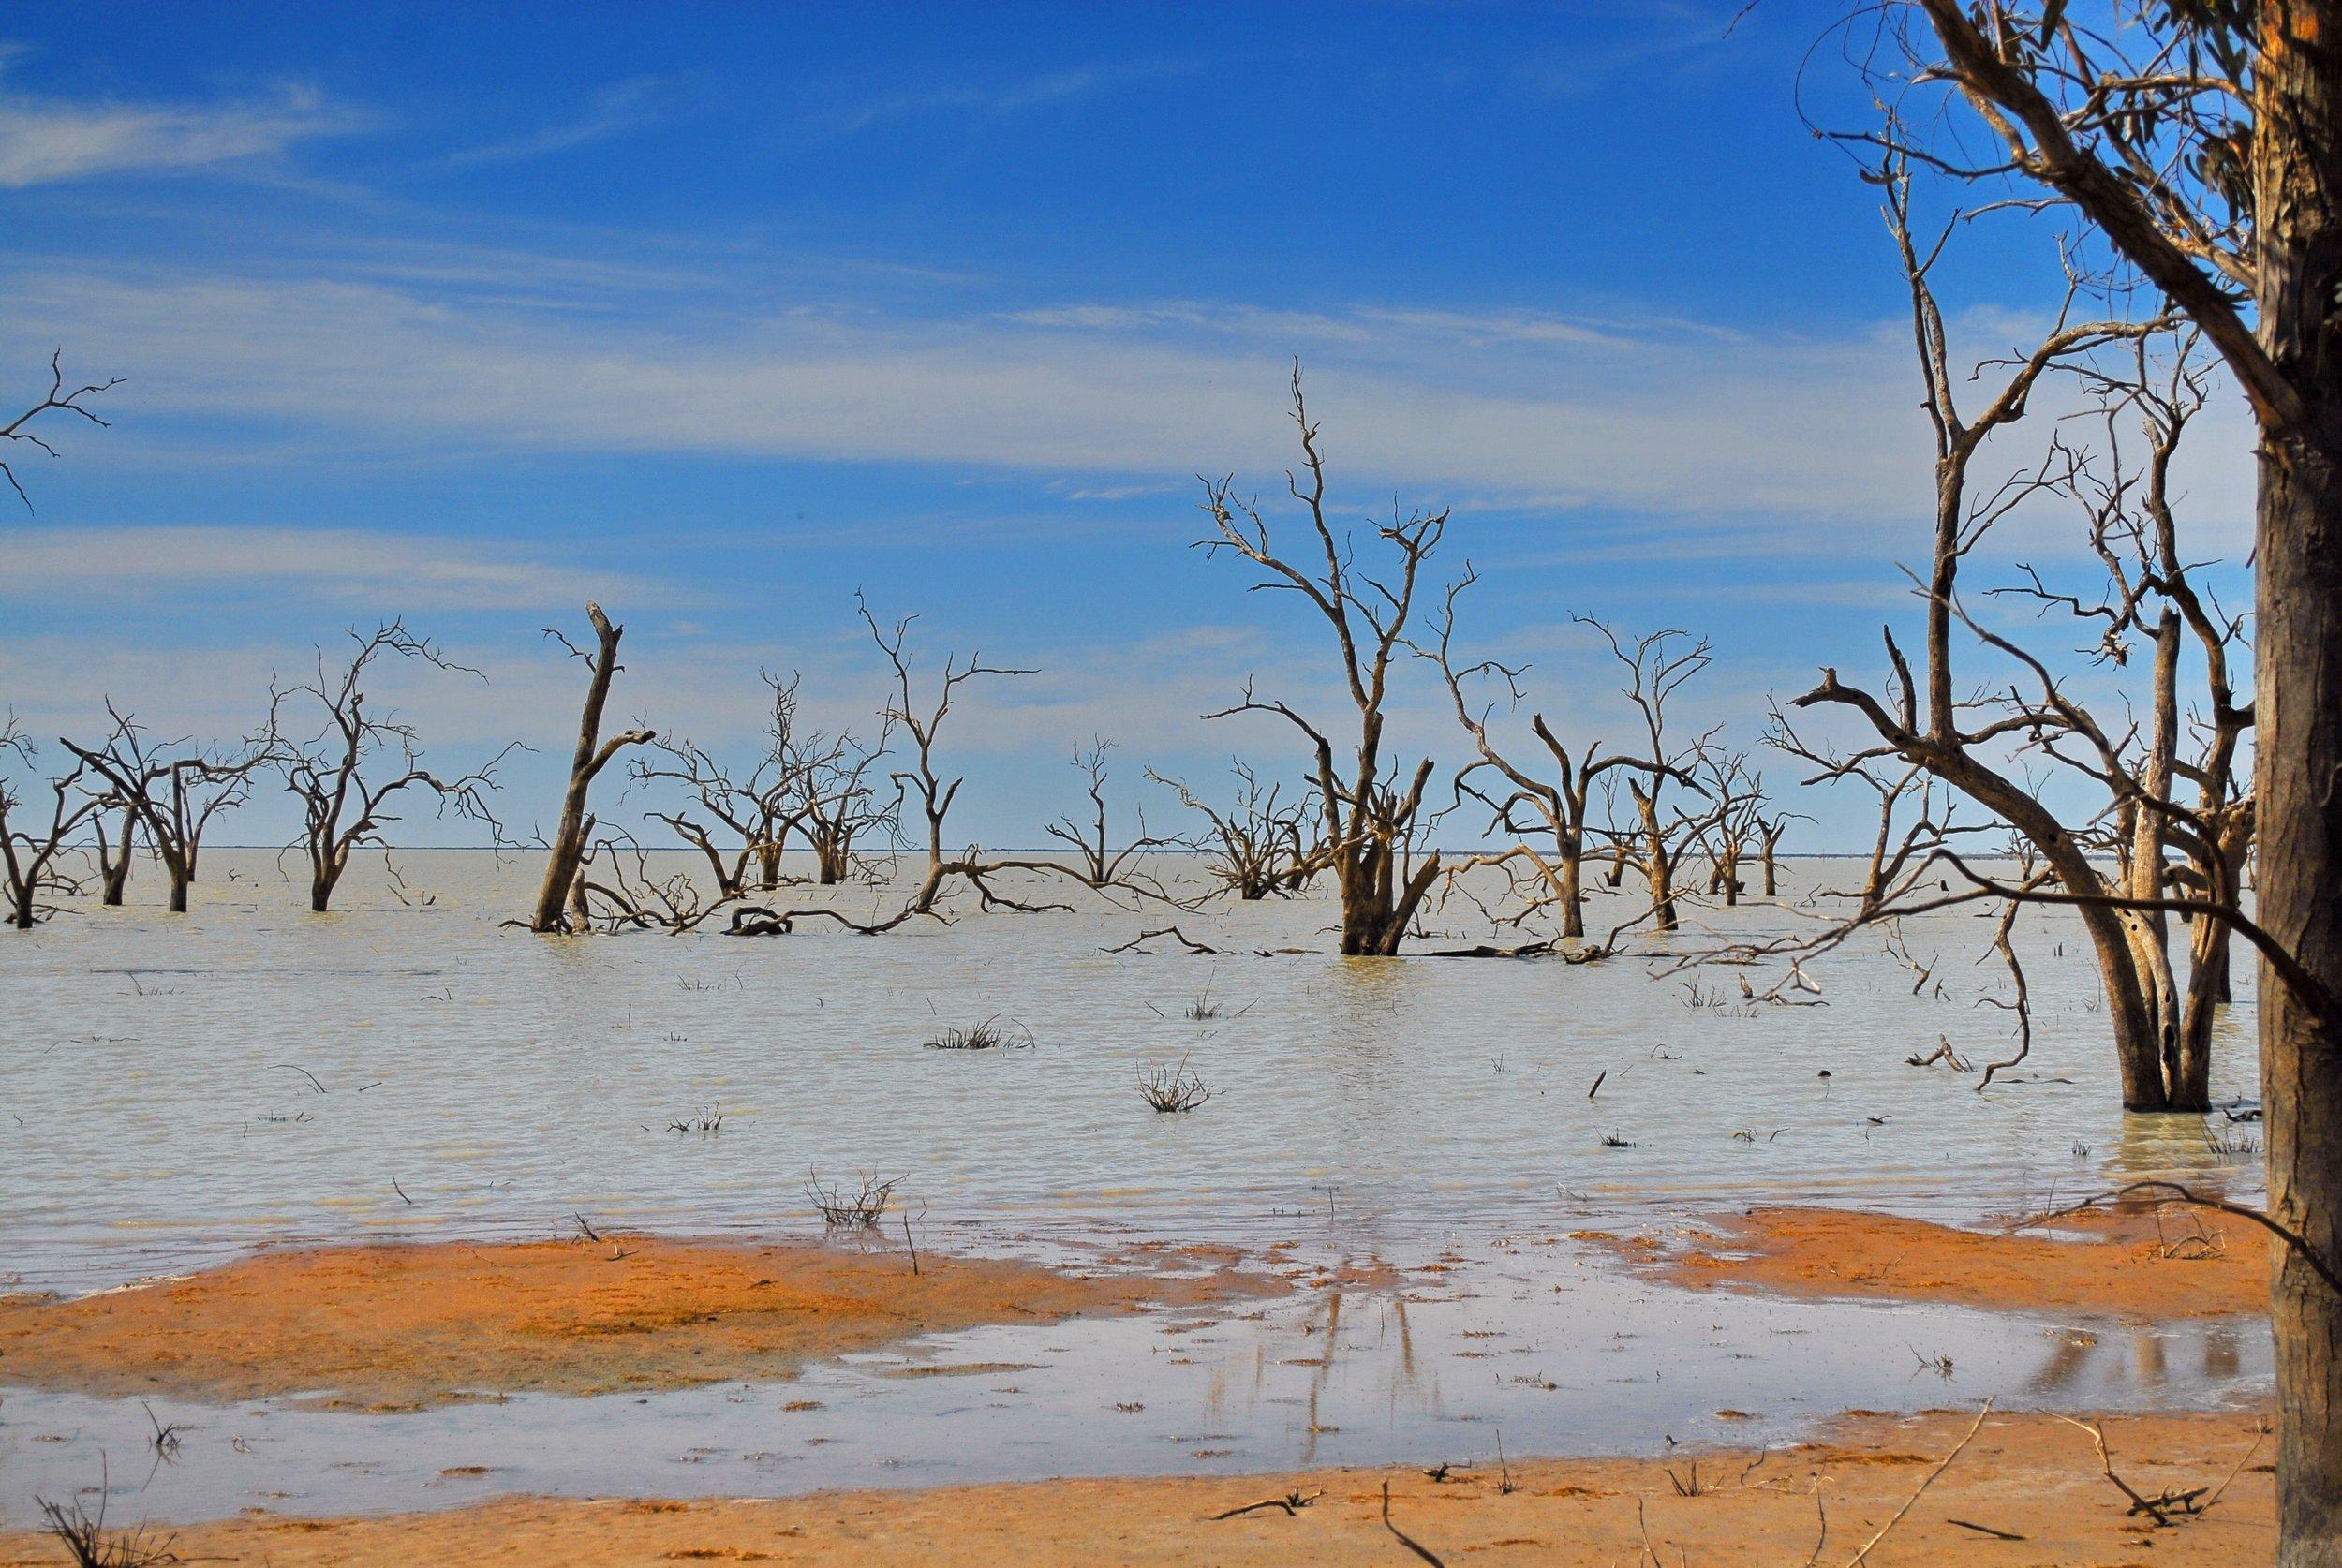 australia-lake-menindee-321174.jpg